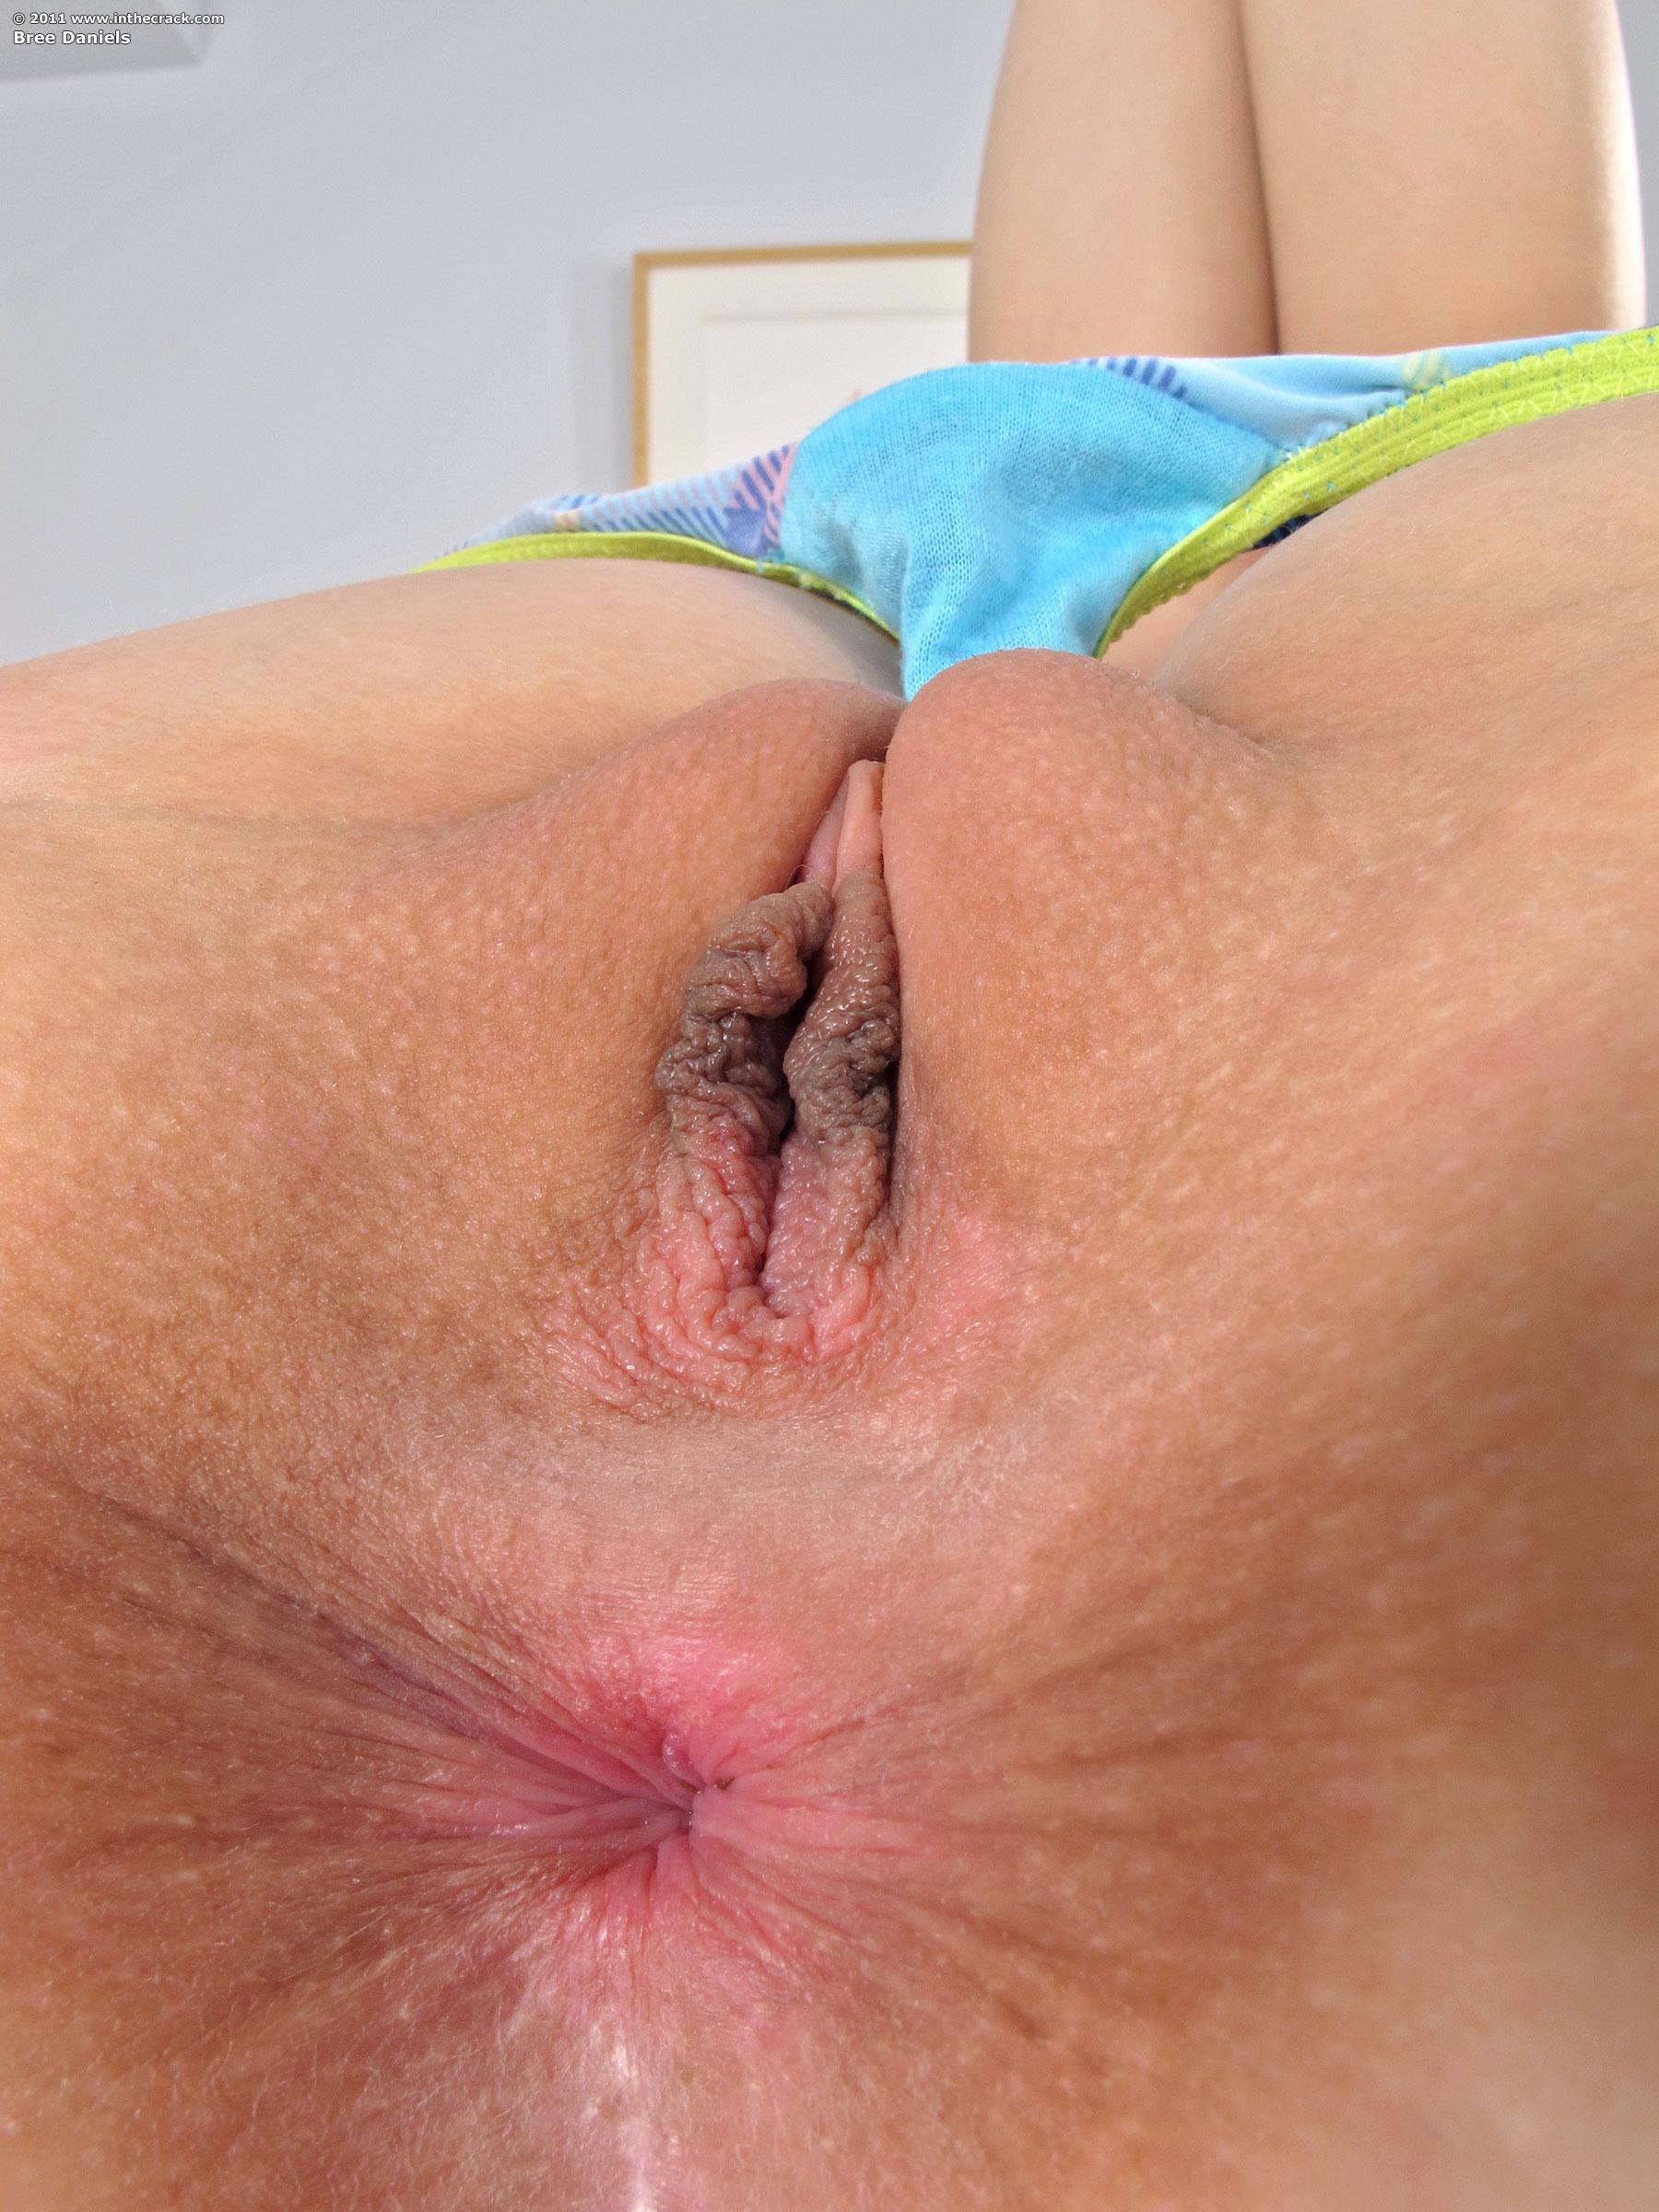 Close Up Ass Pics